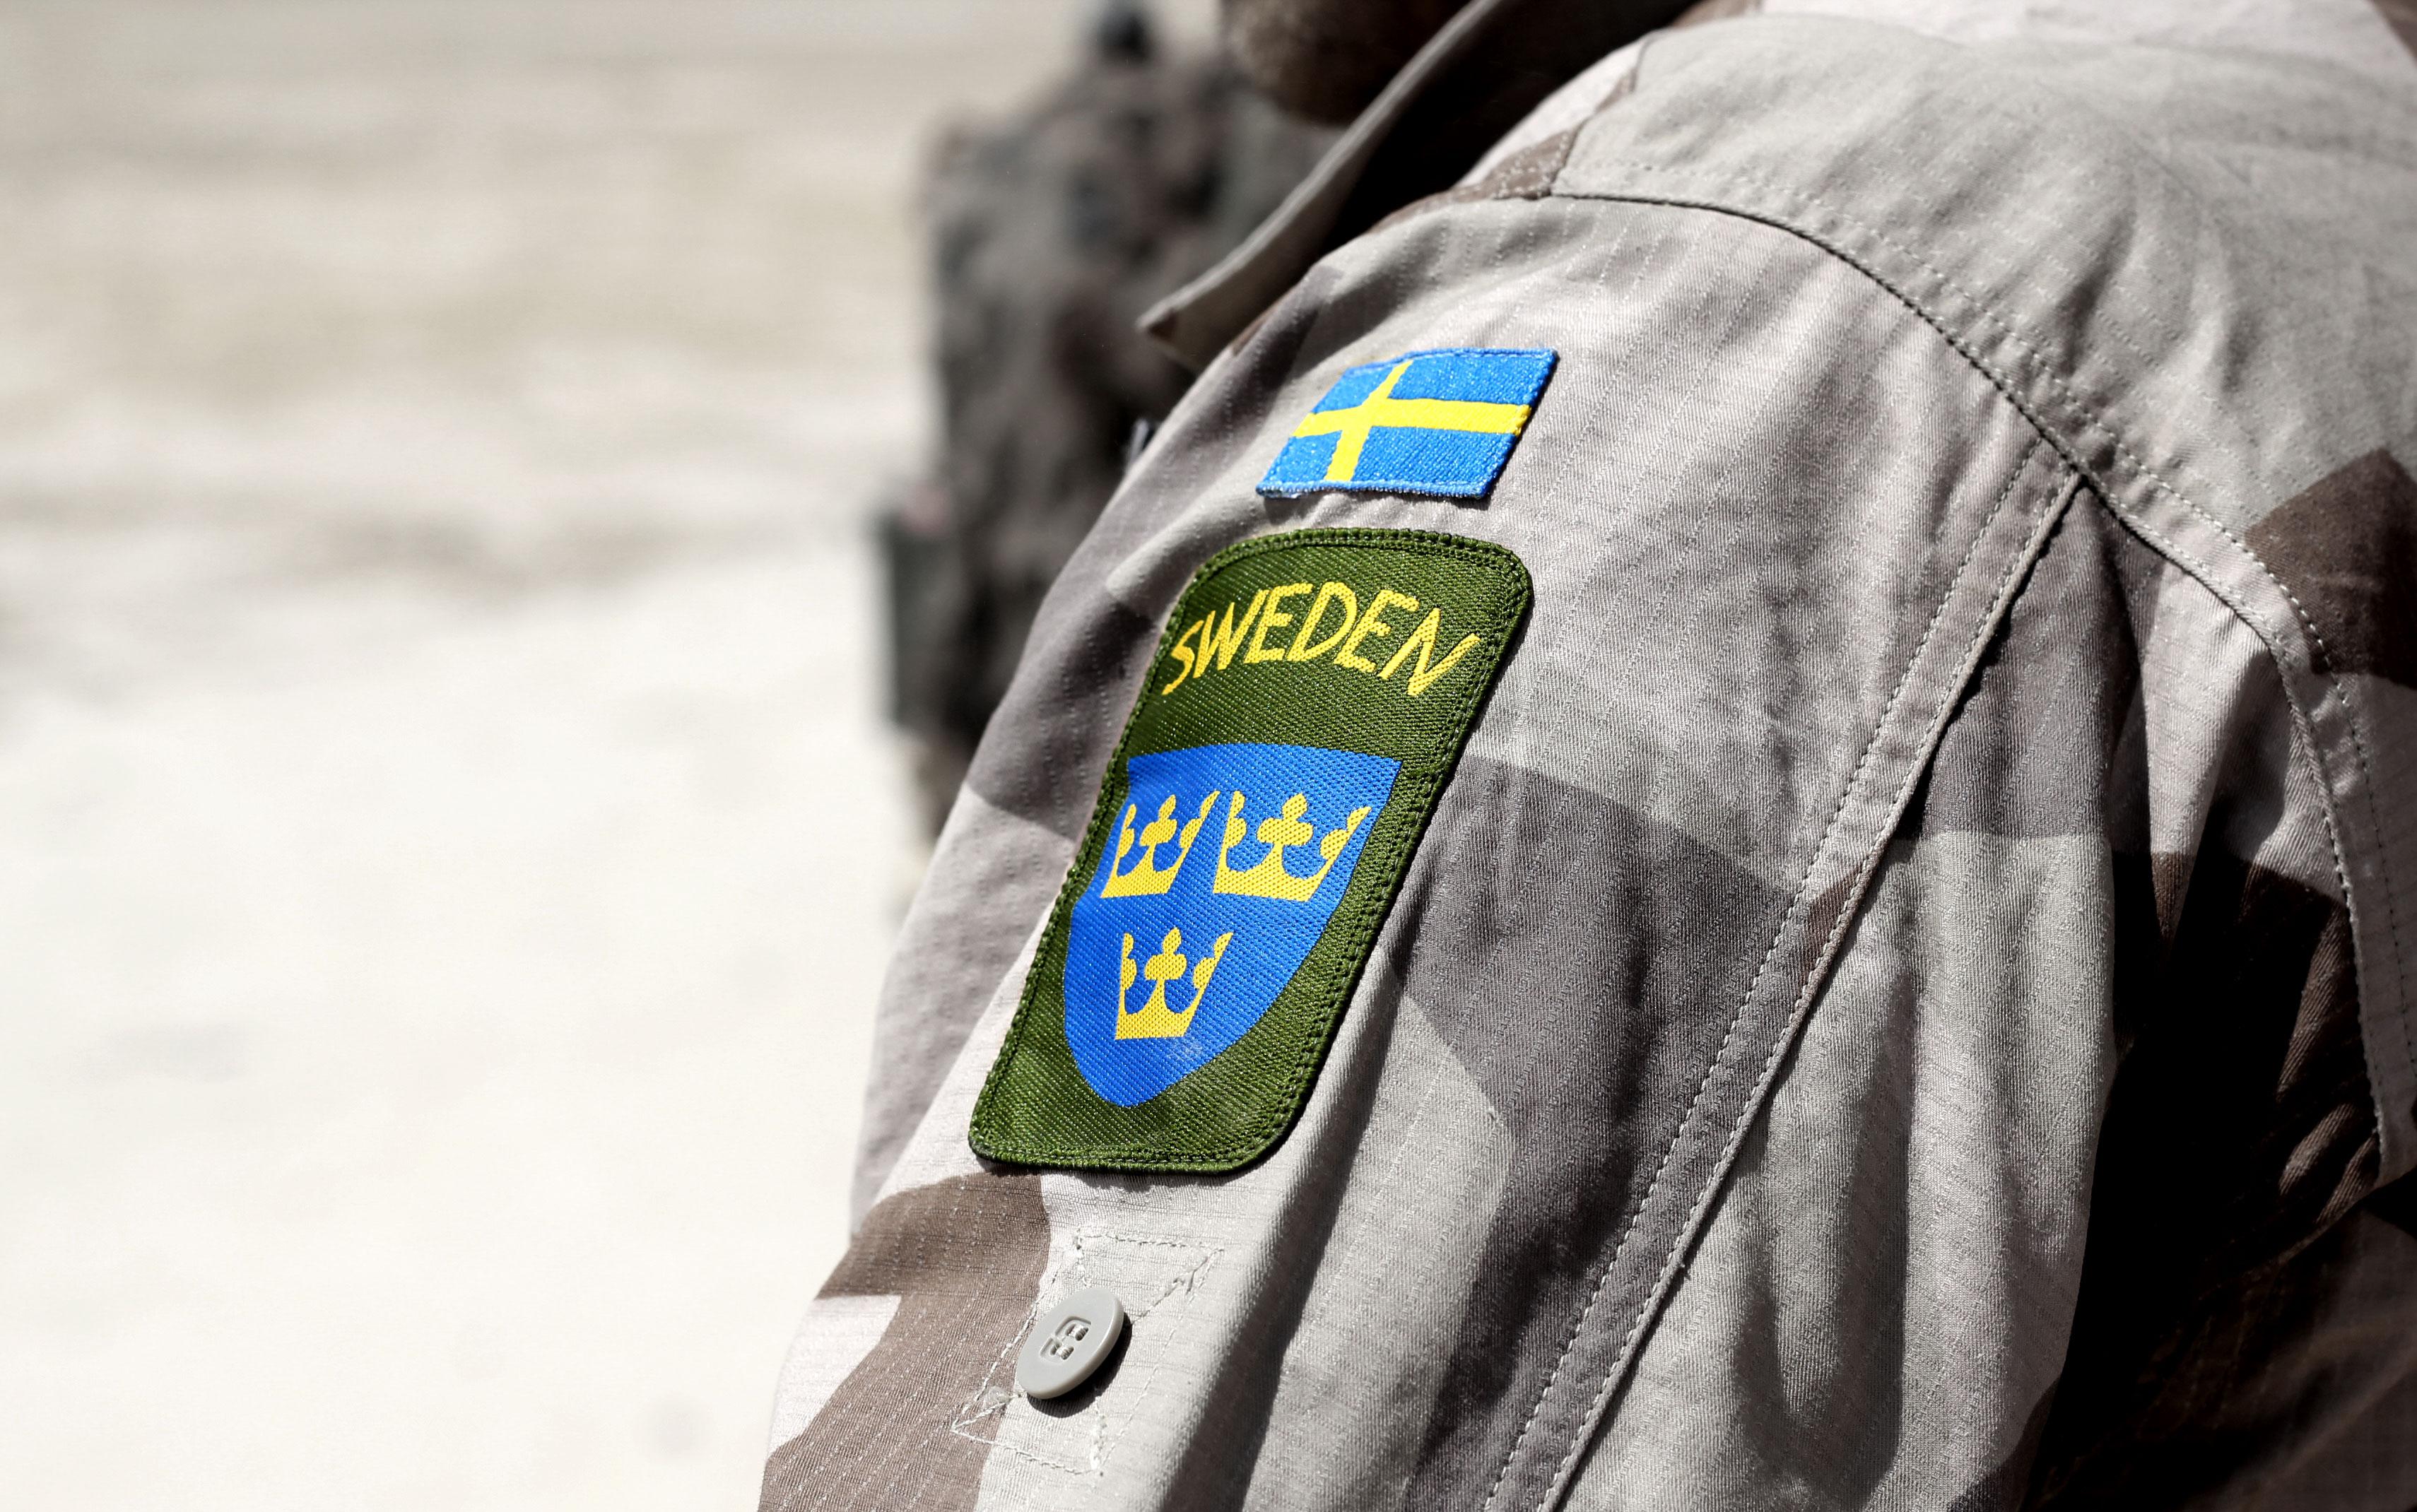 Umeå ska uppföra minnessten för att hedra veteraner!